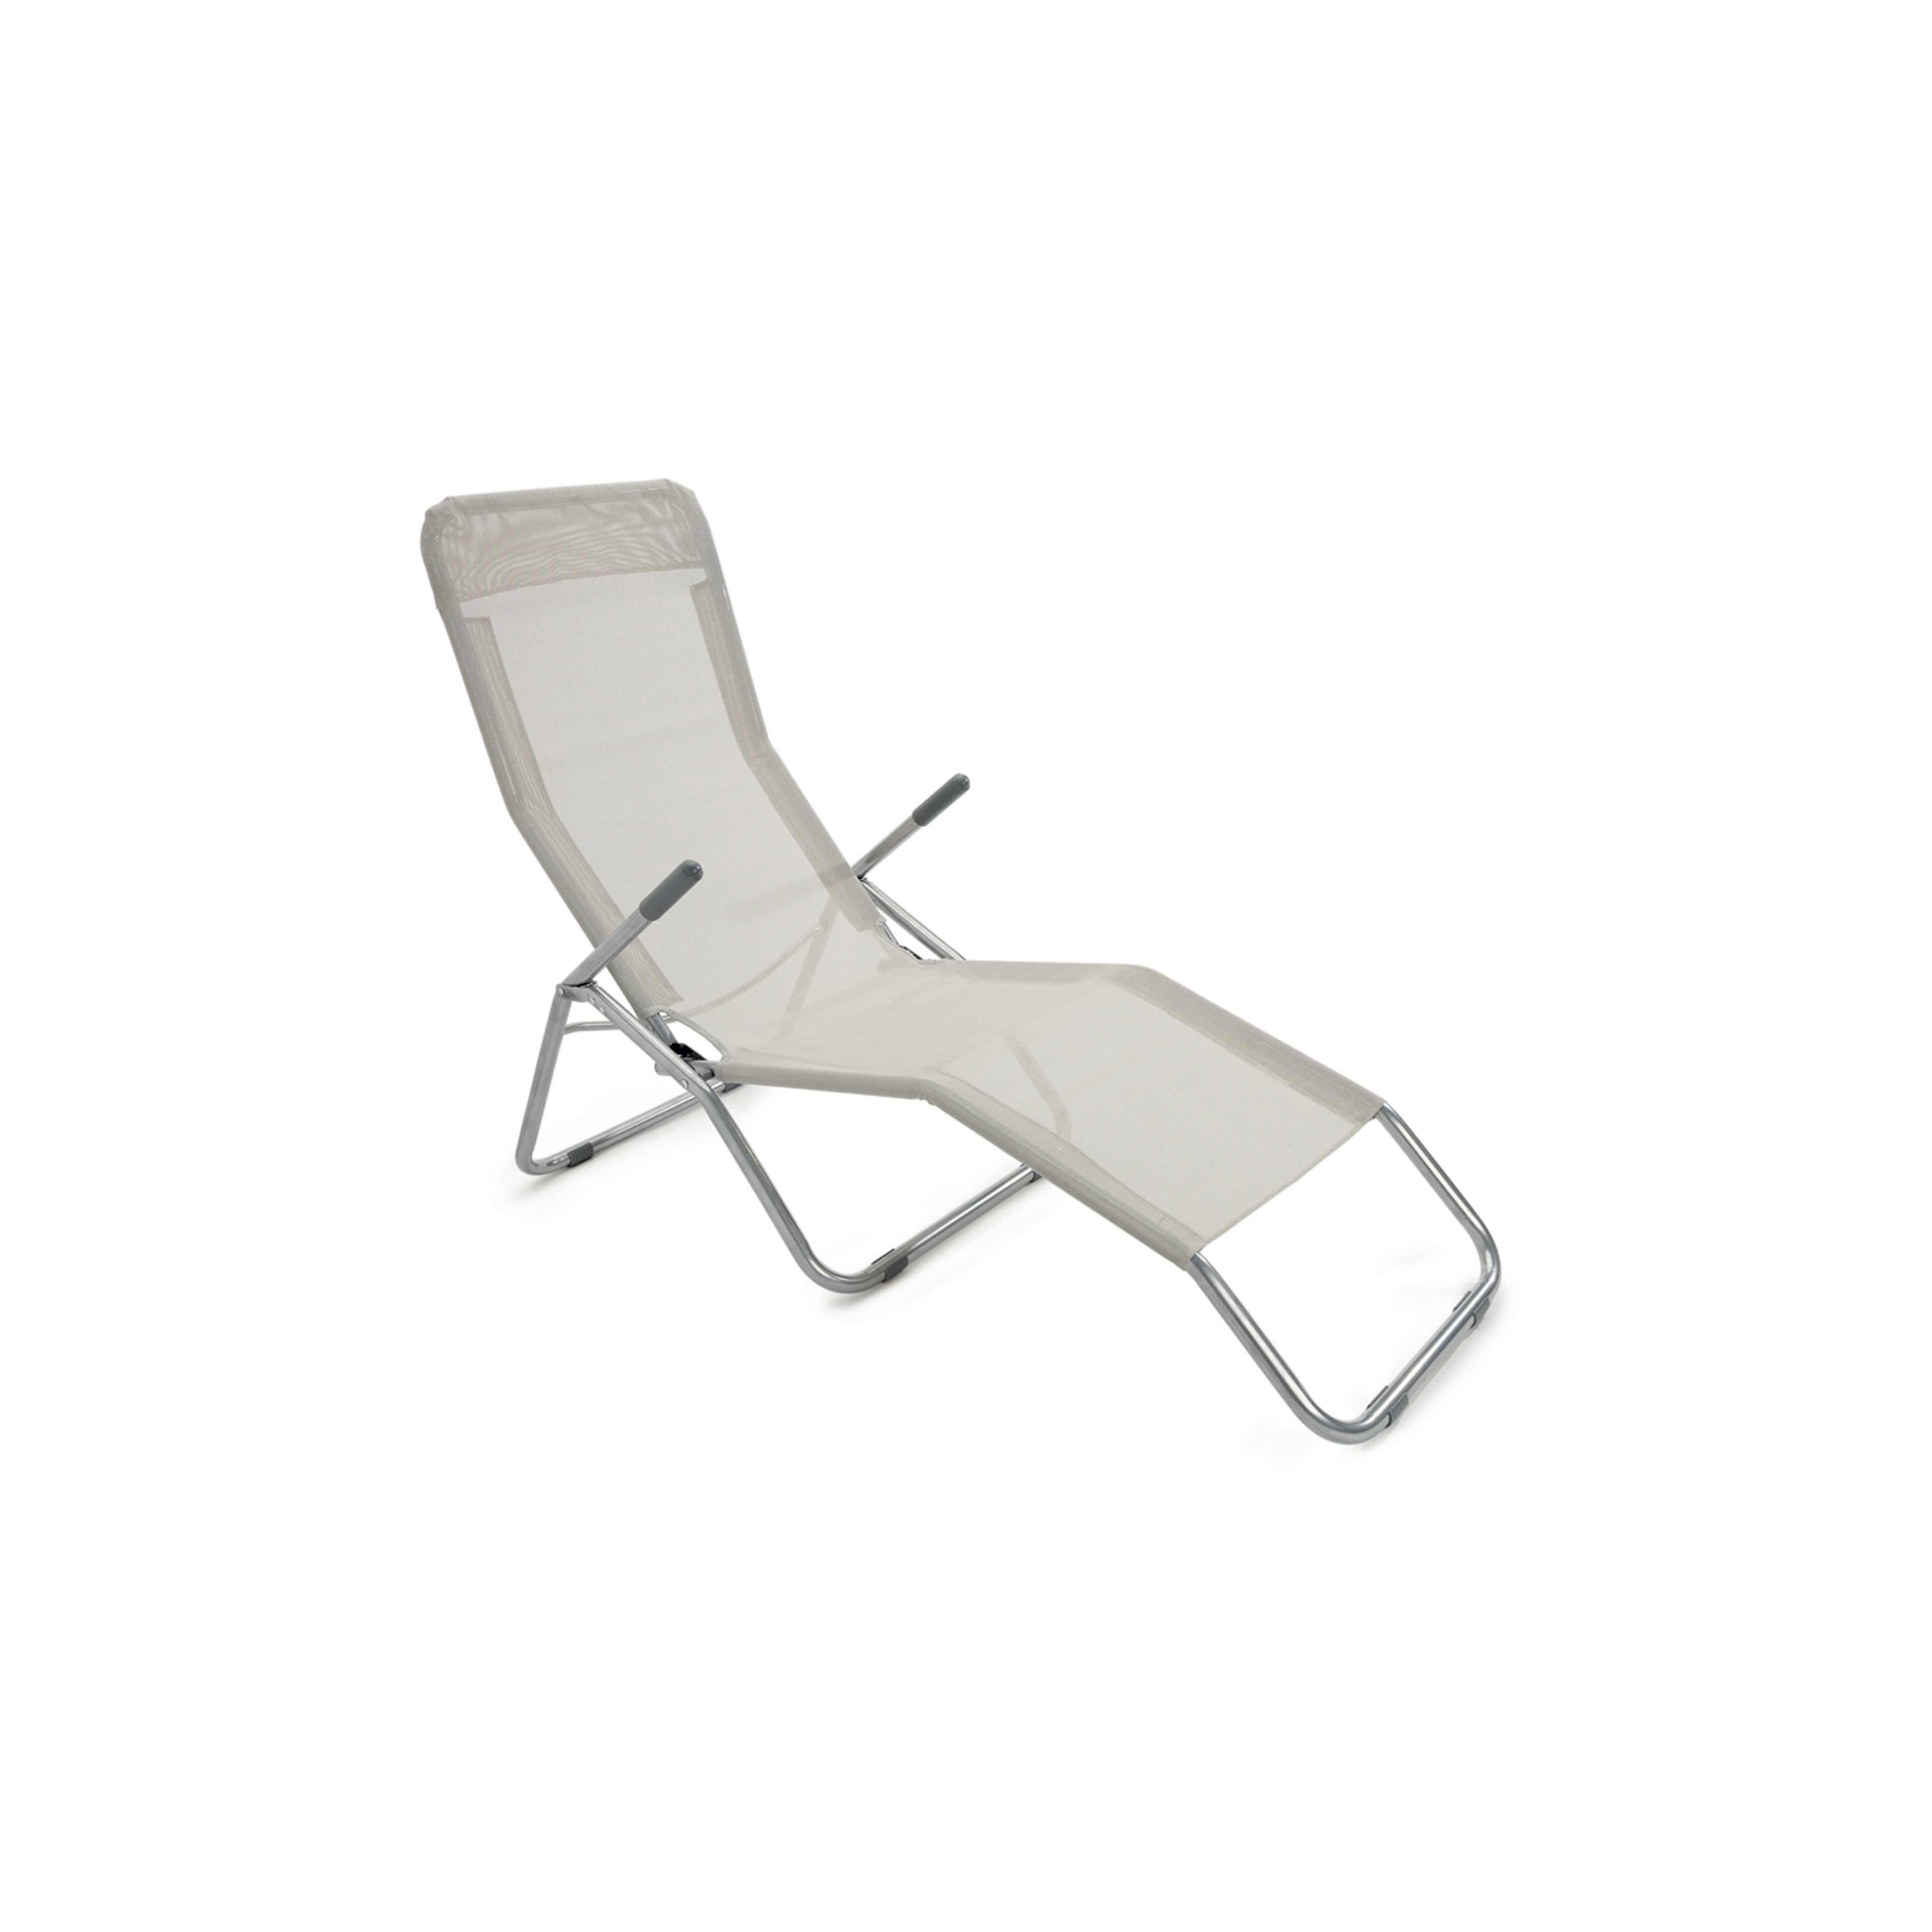 Transat jardin gris chaise longue double a bascule | Staffordshire ...